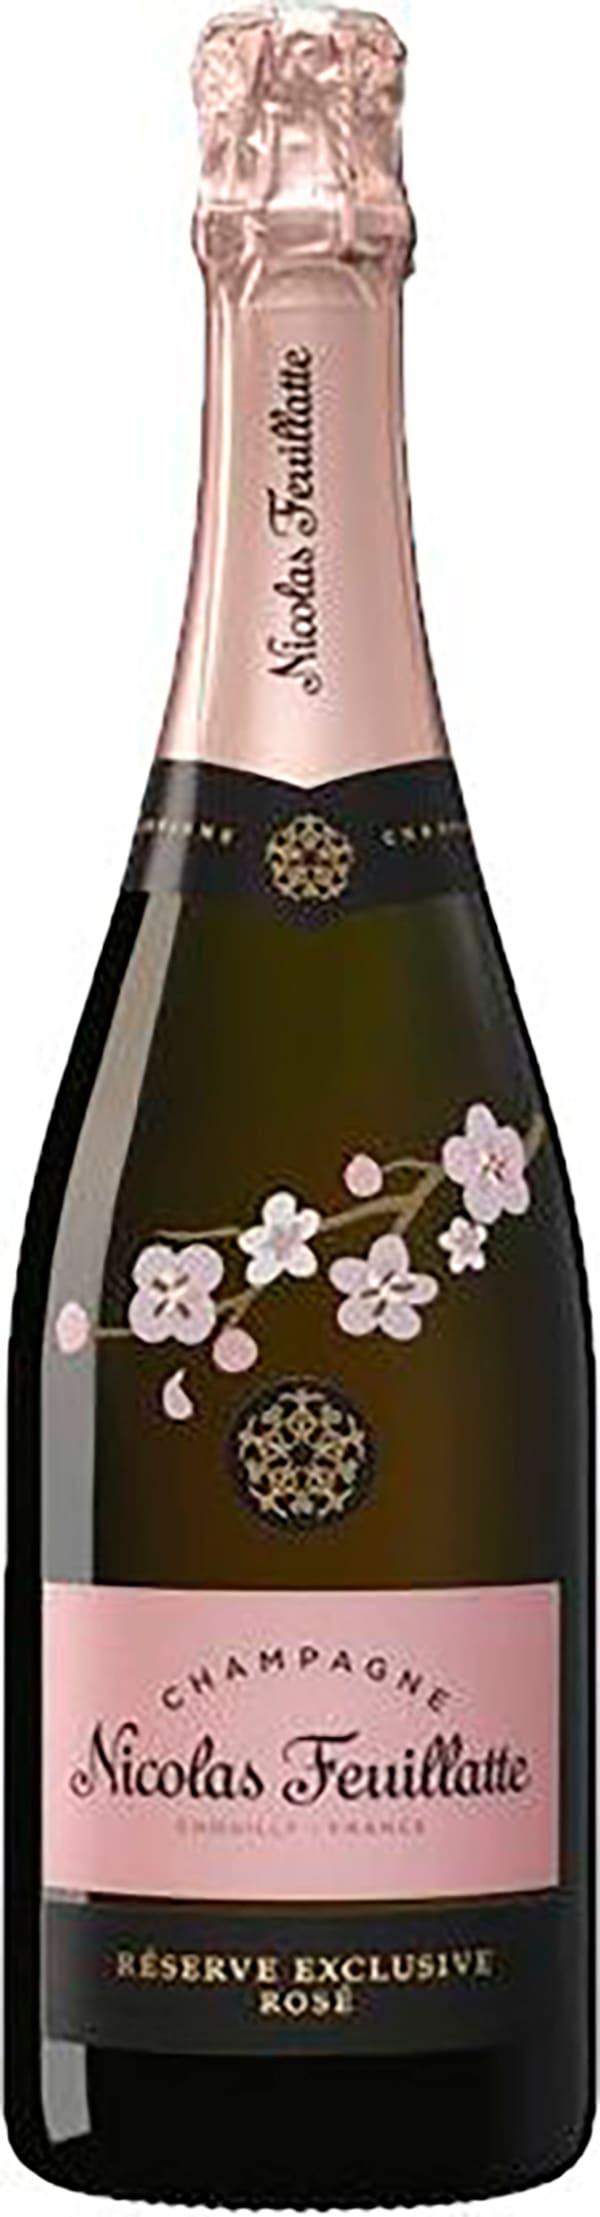 Nicolas Feuillatte Réserve Exclusive Rosé Champagne Brut